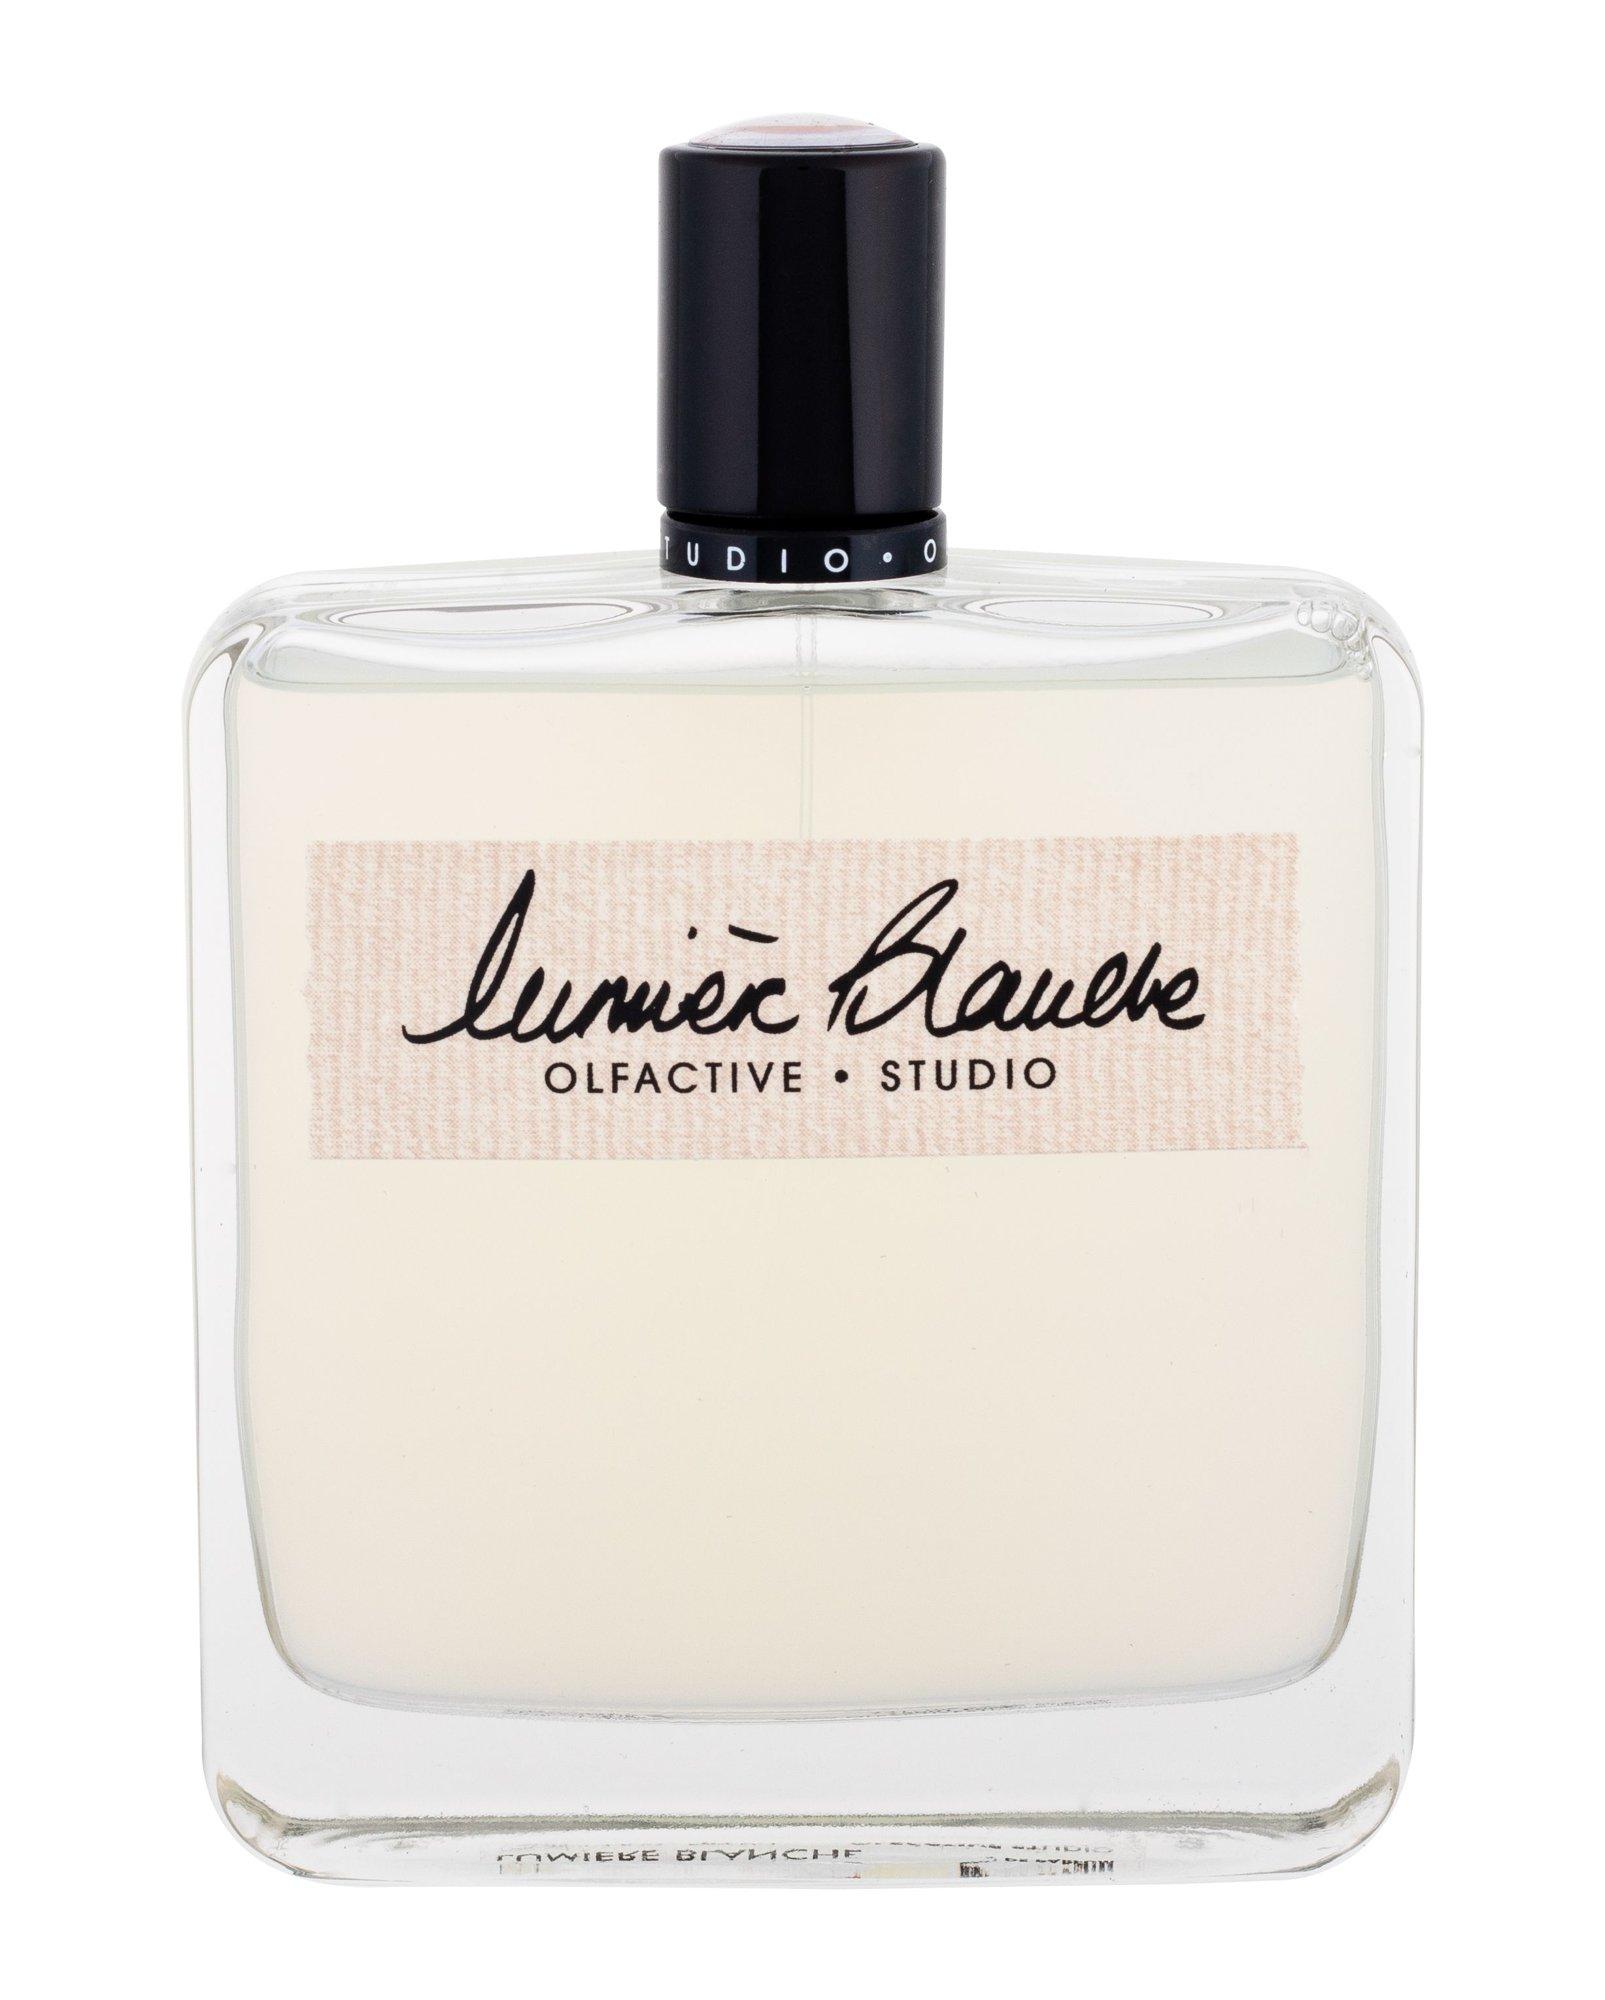 Olfactive Studio Lumiere Blanche Eau de Parfum 100ml